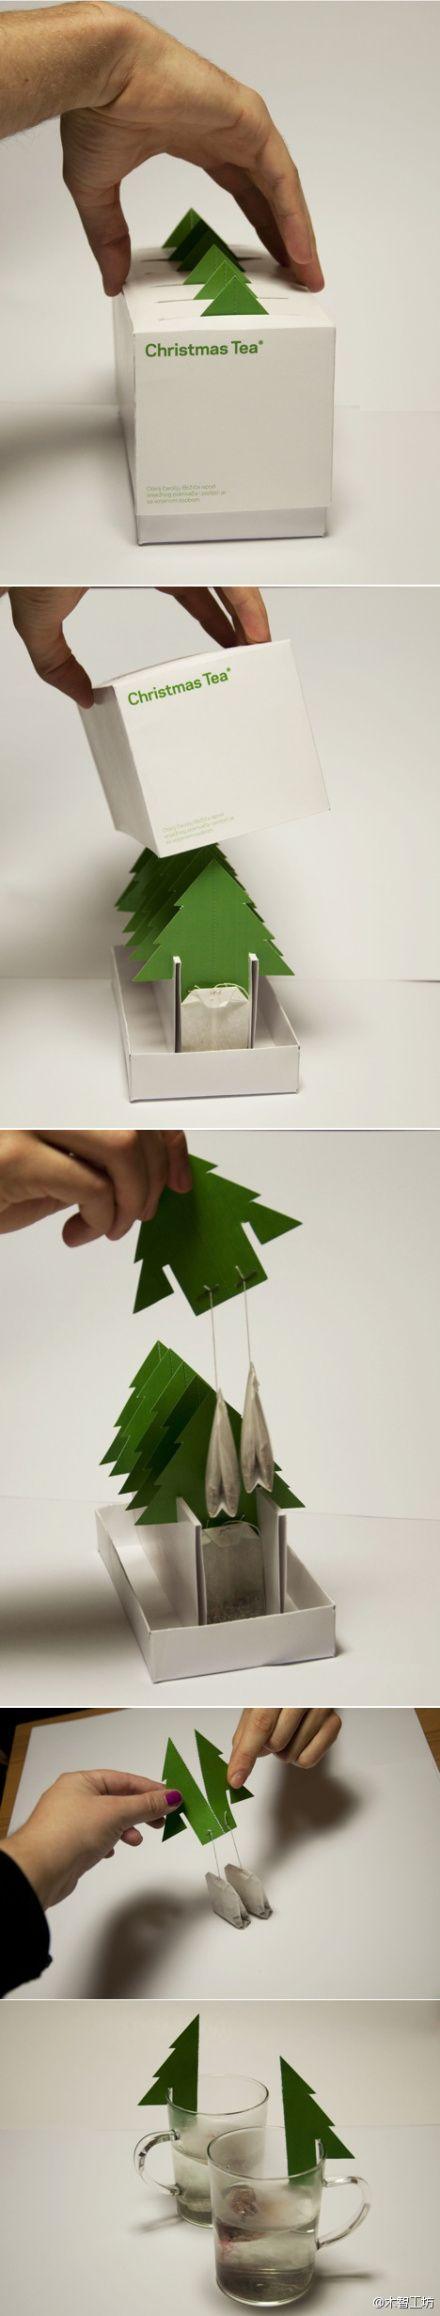 Сделать новогоднее украшение для стола